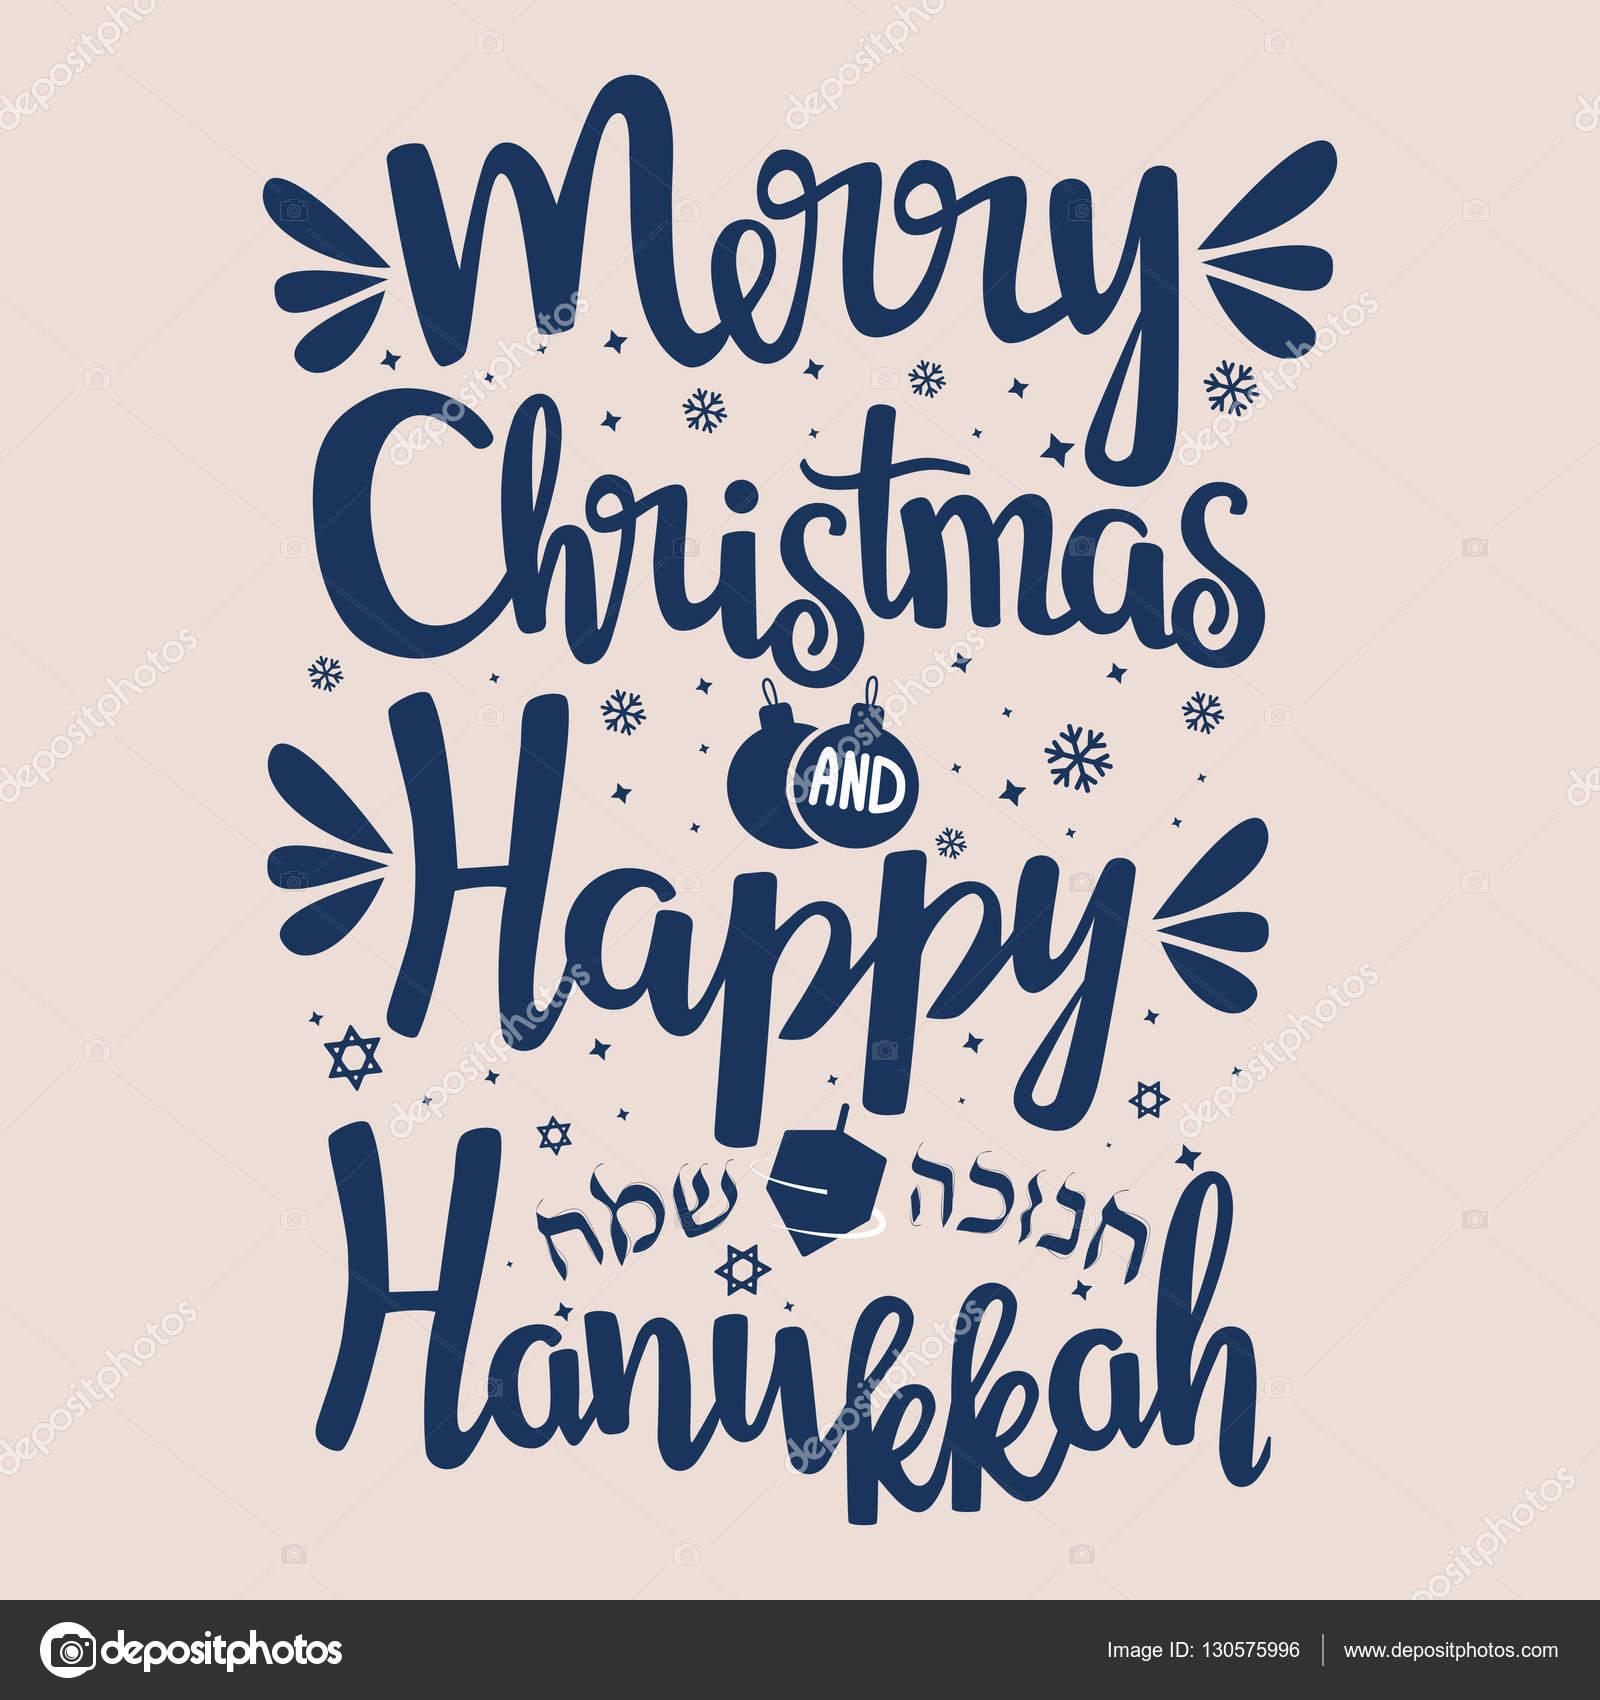 Feliz Navidad Rotulos.Mano Escrita Rotulos Con El Texto Feliz Hanukkah Y Feliz